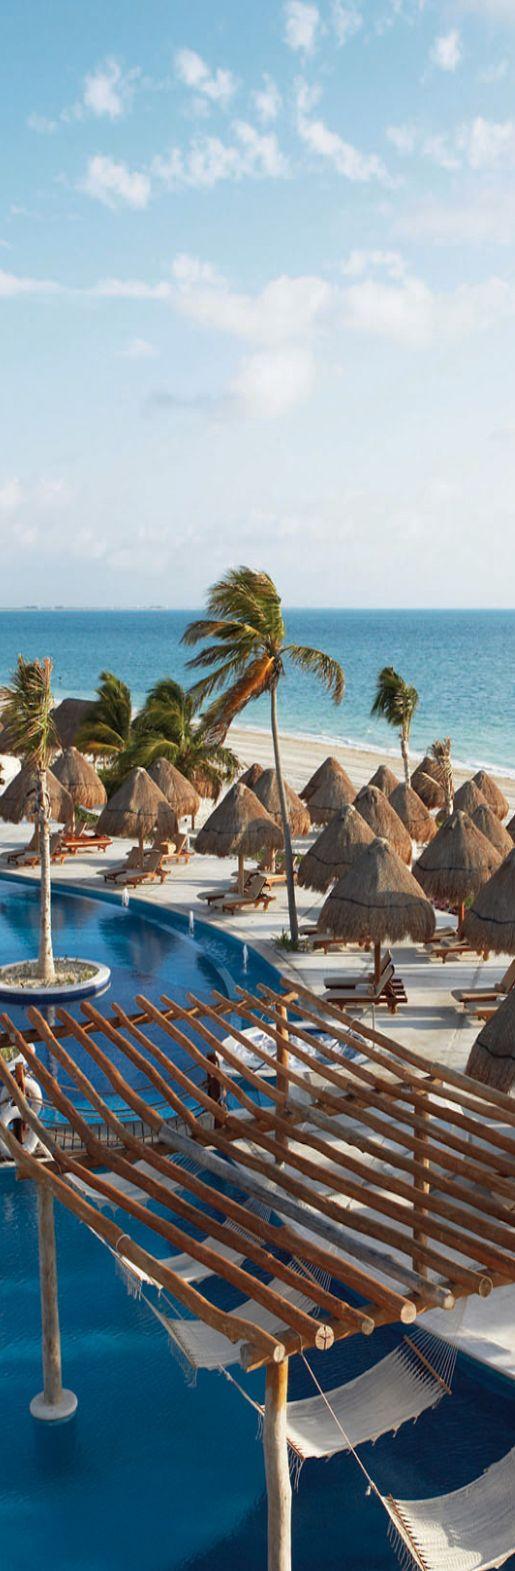 Playa Mujeres, Mexico | LOLO